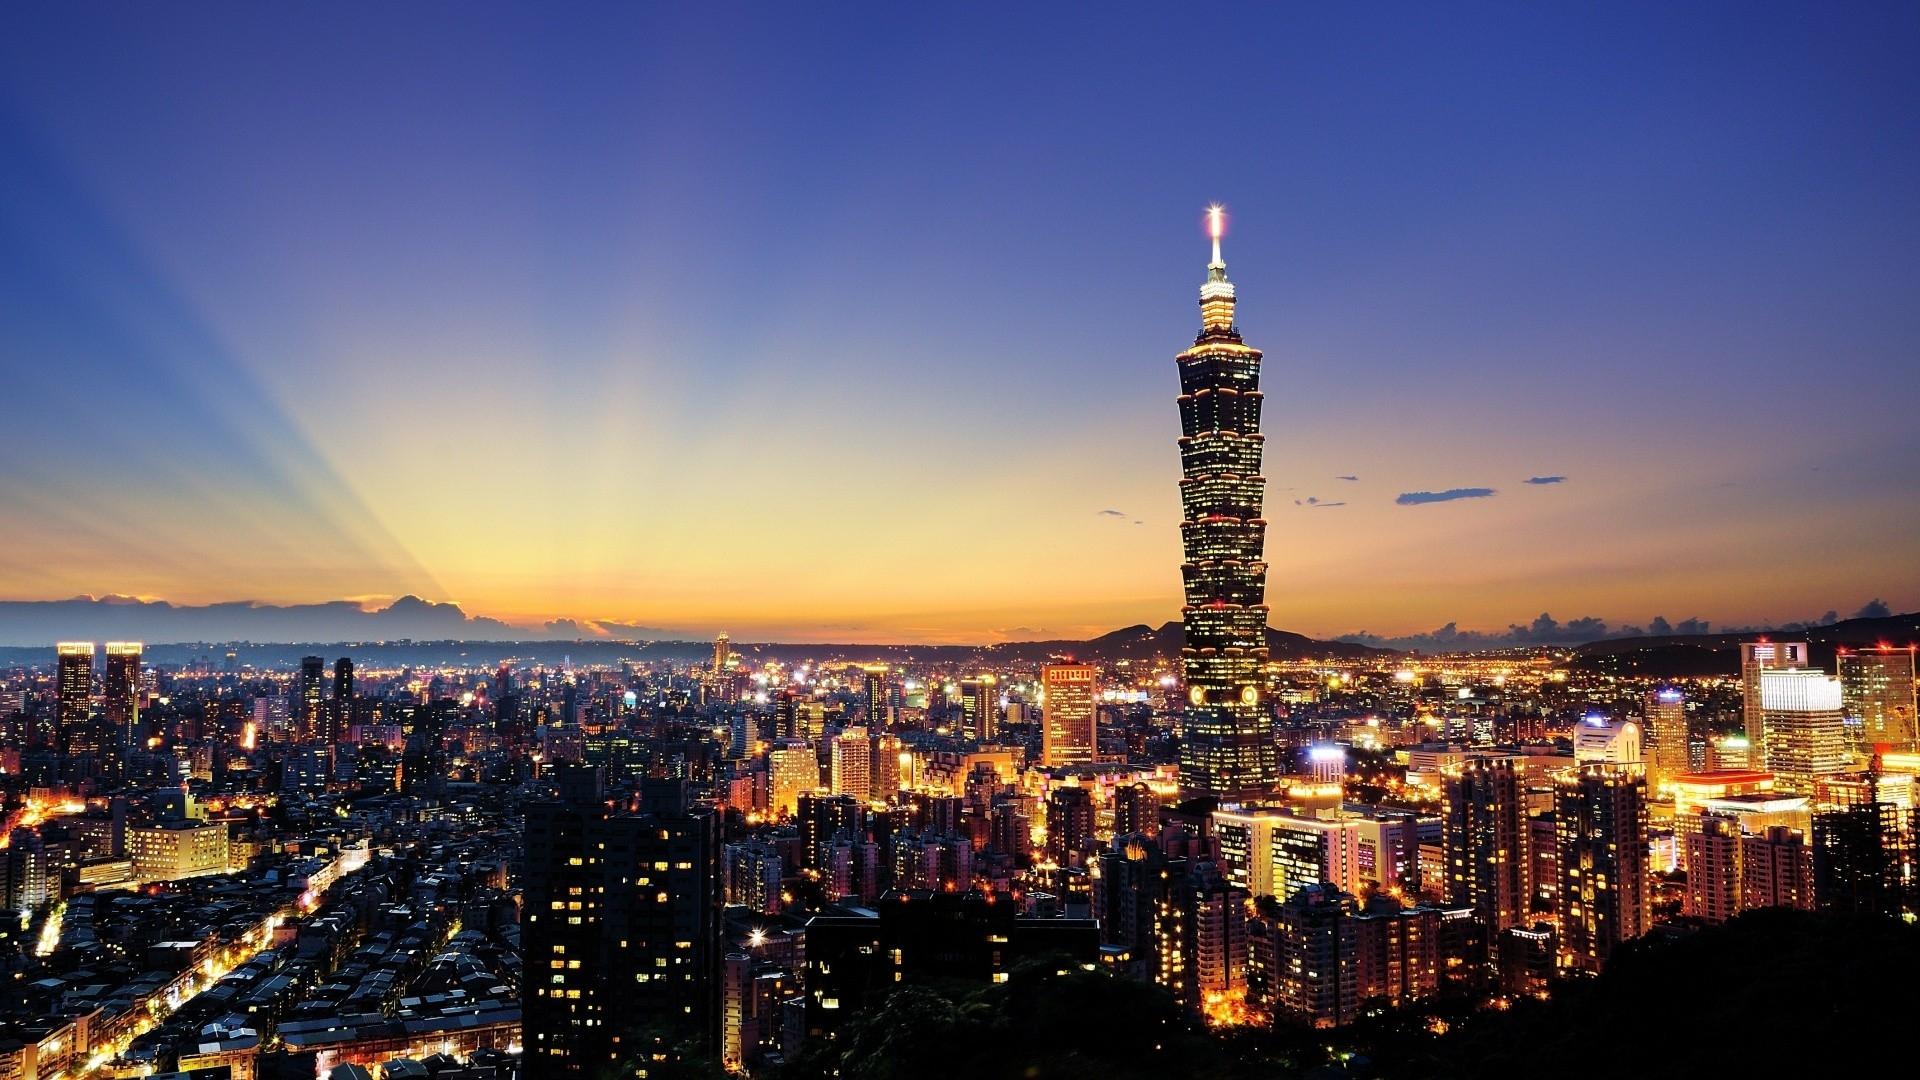 Hd Hintergrundbilder Stadt Beleuchtung Nacht Wolkenkratzer